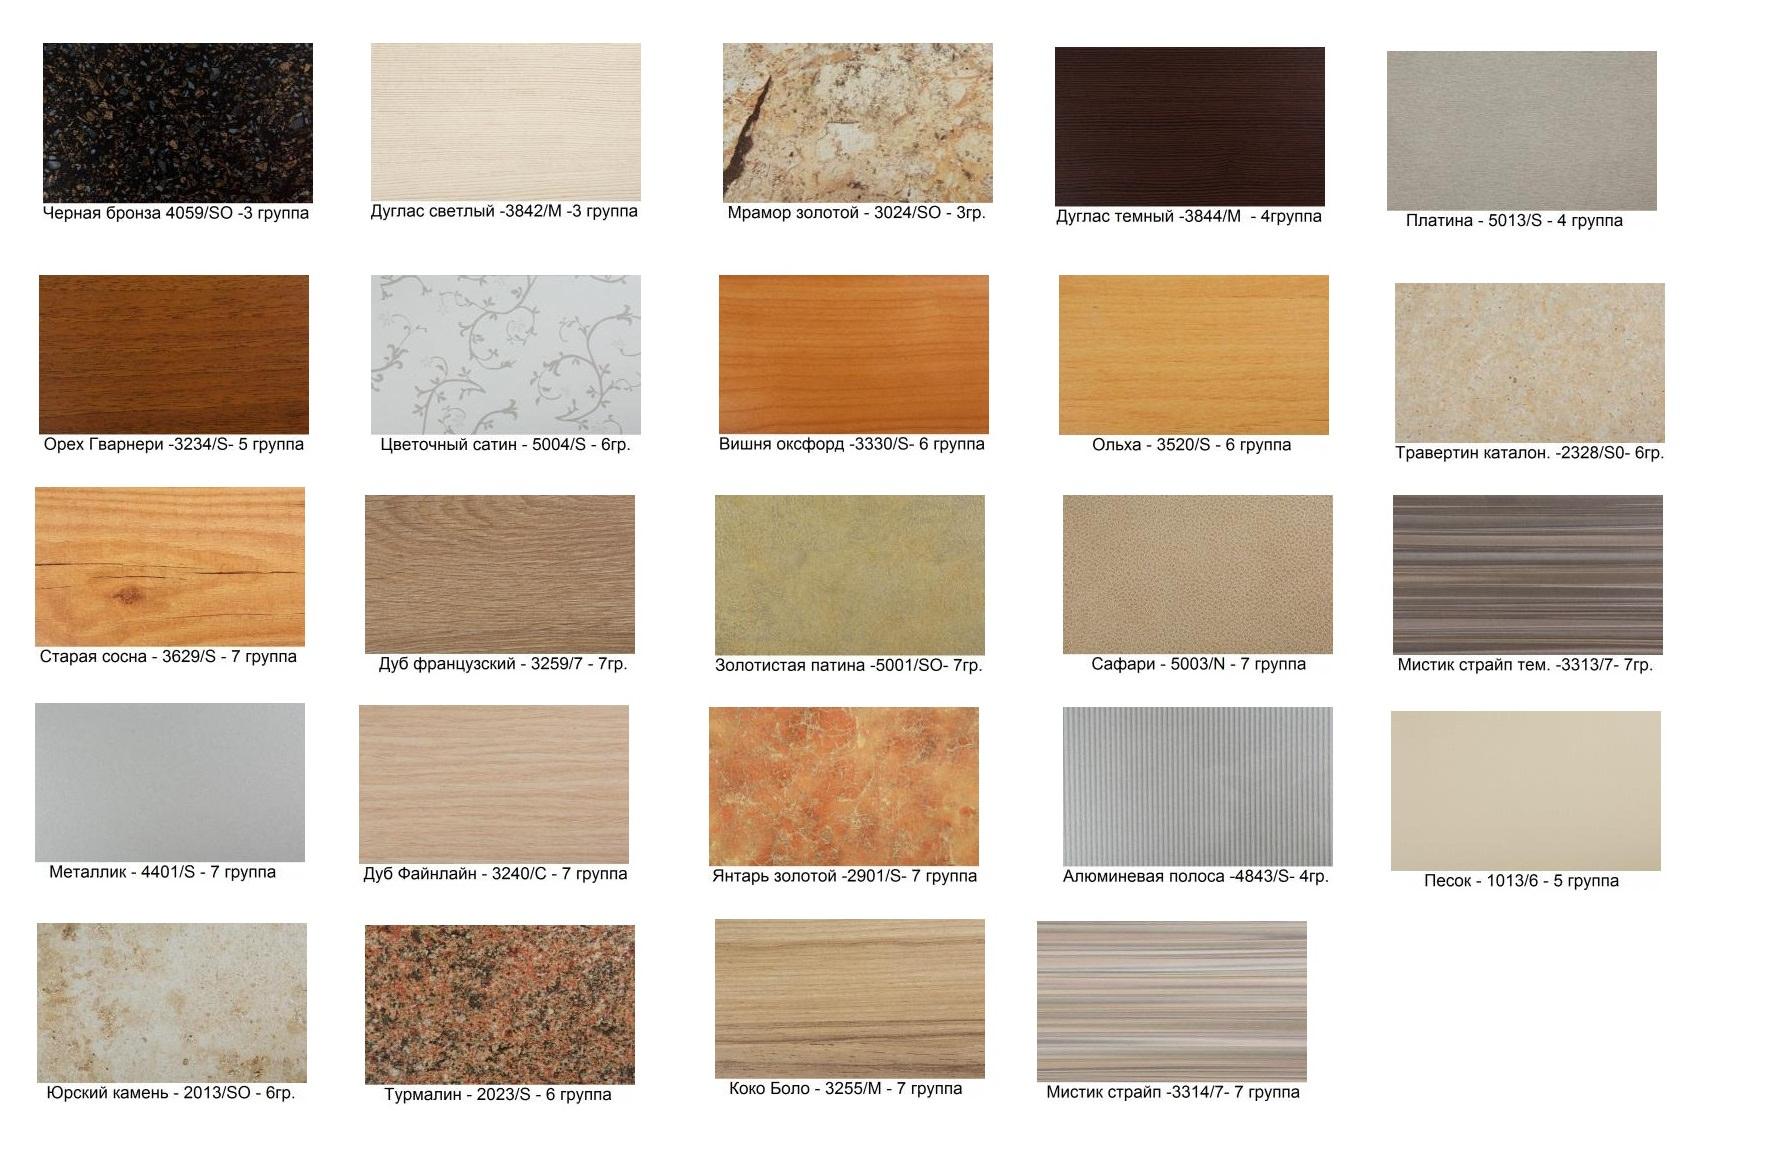 Столешницы каталог цветов фото цена